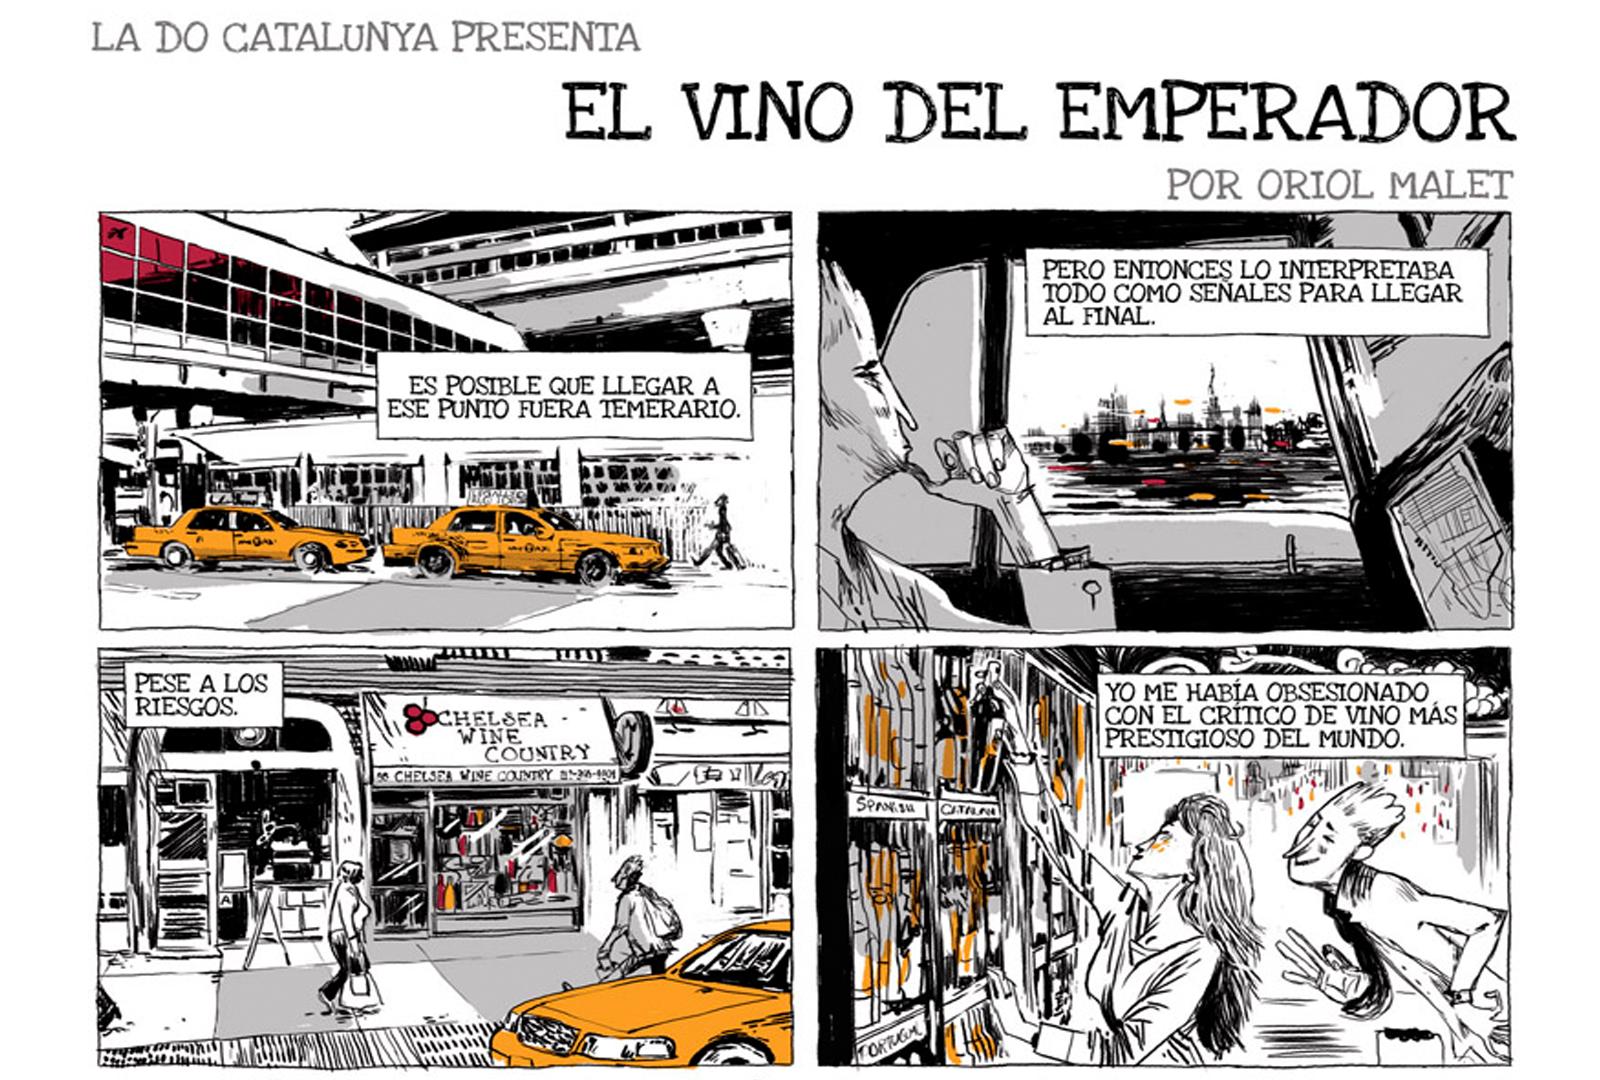 El Vino del Emperador. Oriol Malet firma el cuarto Vinomic.